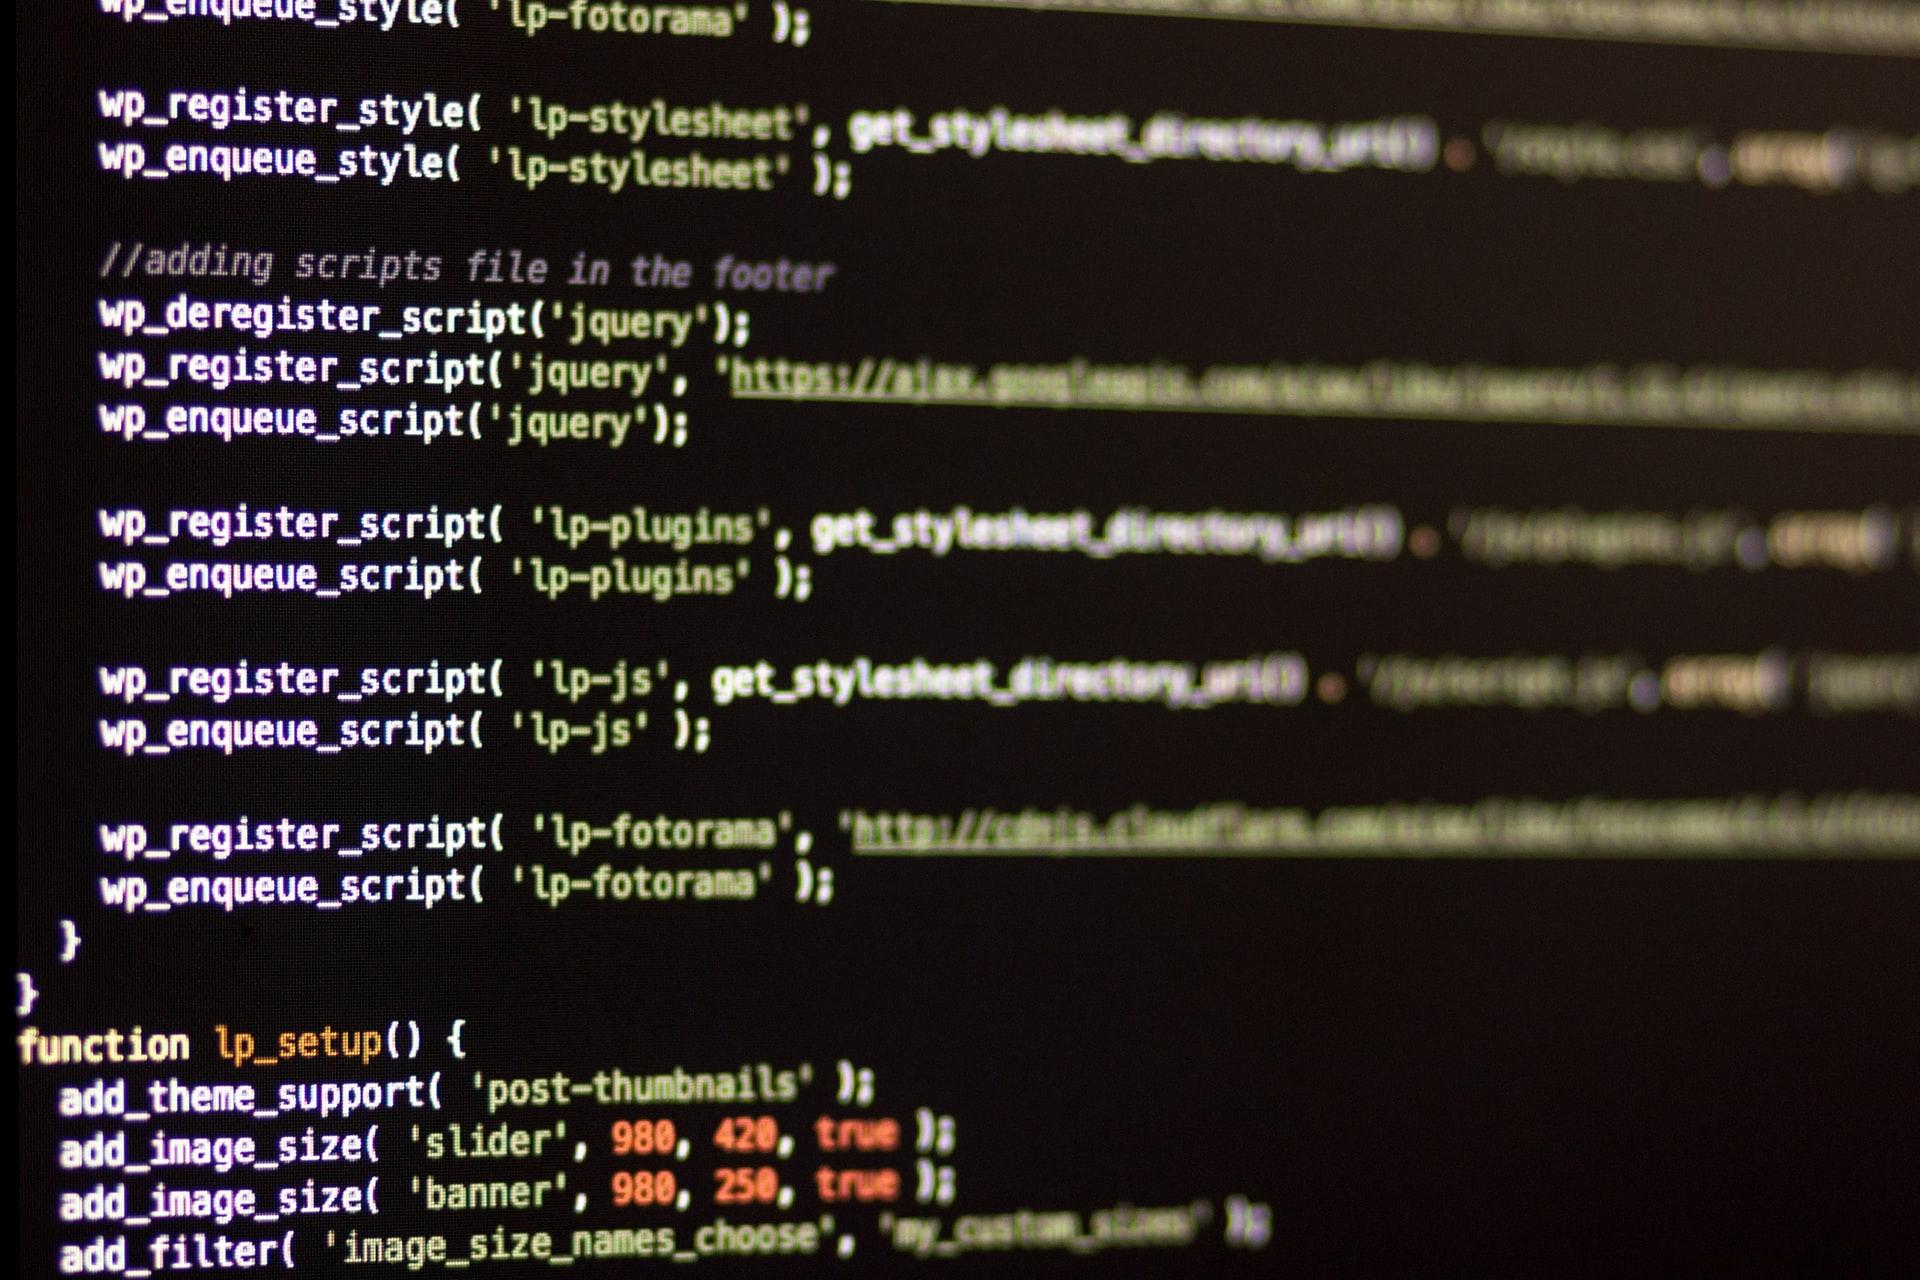 WordPressで頻繁にfunctions.phpに追加するコードを生成できるジェネレーター「WP-functions generator」